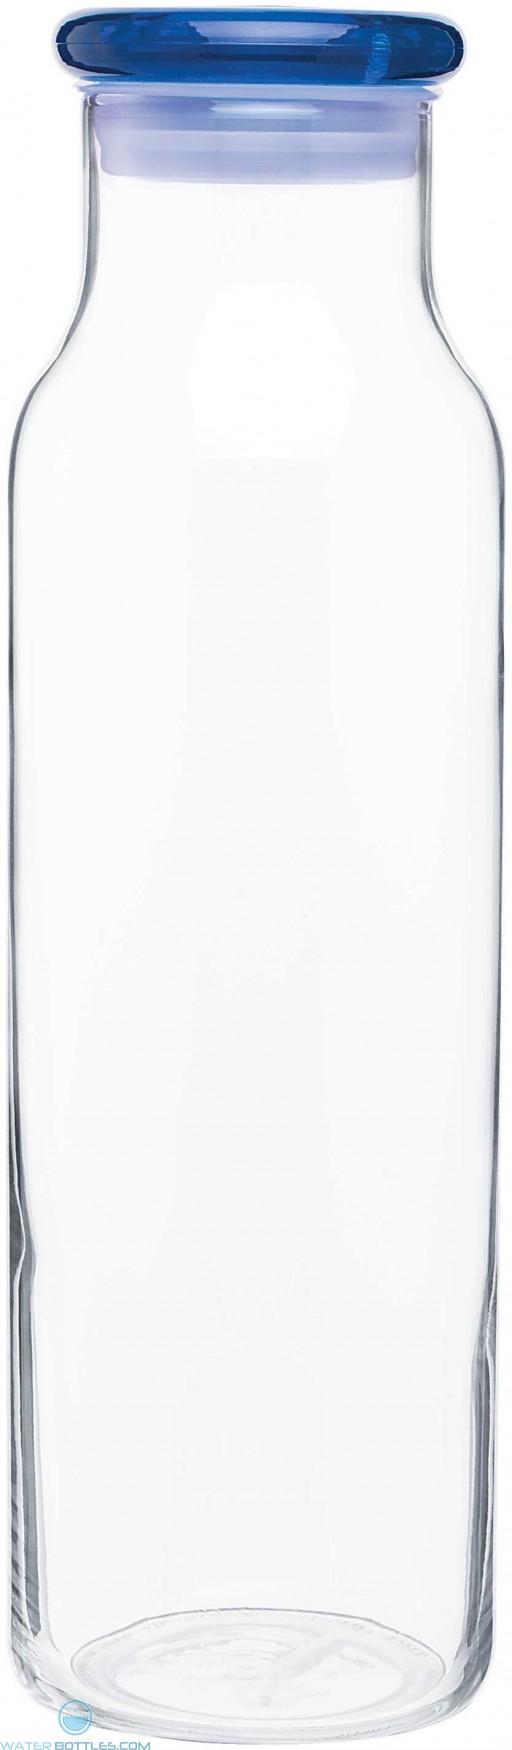 H2Go Vibe Glass Bottles | 22 oz - Blue